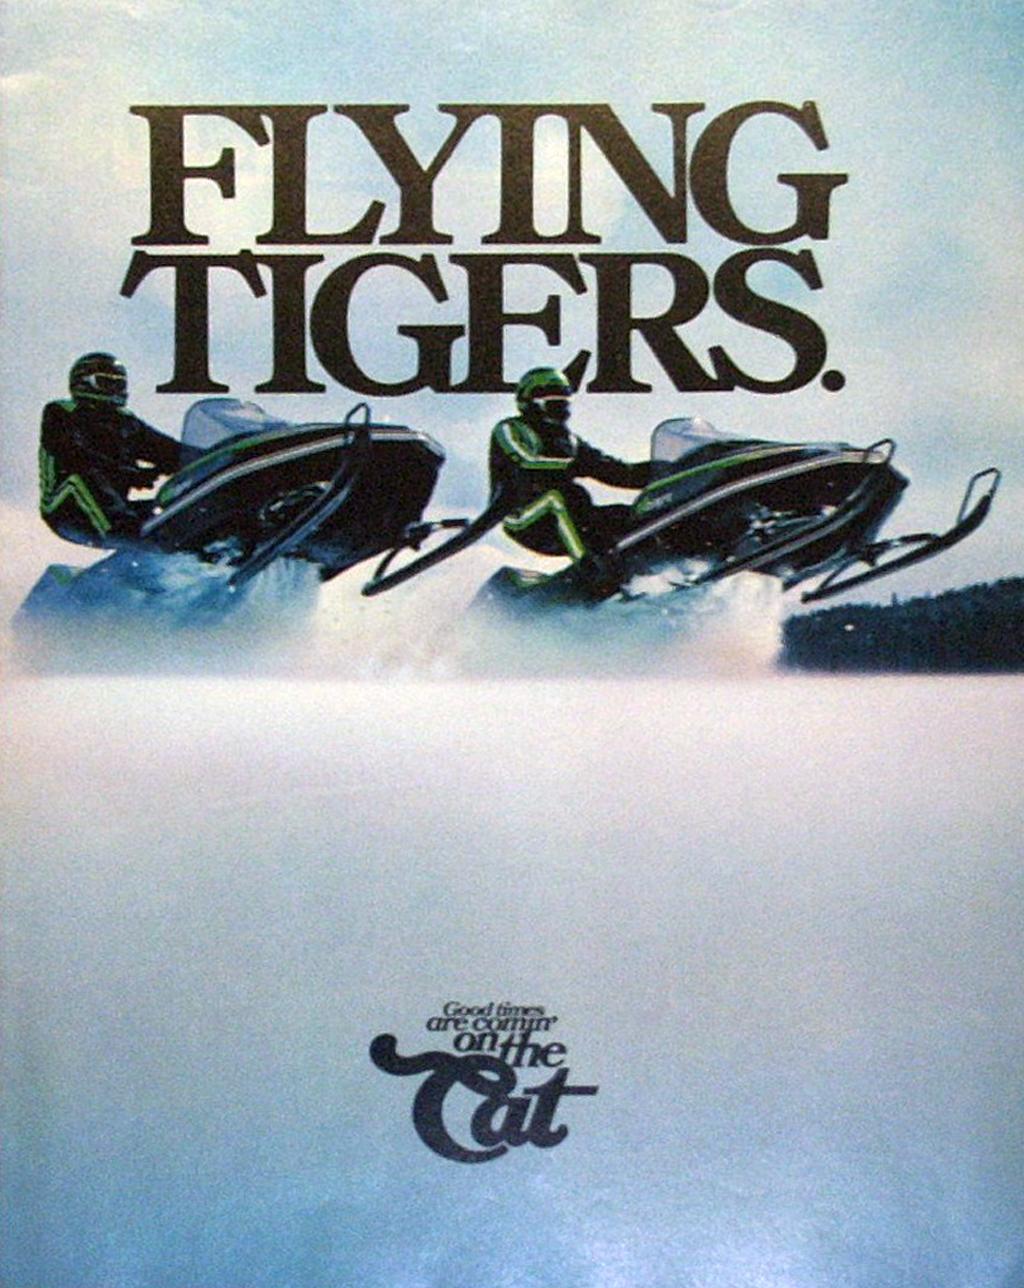 Arctic Cat Flying Tigers, el tigre.